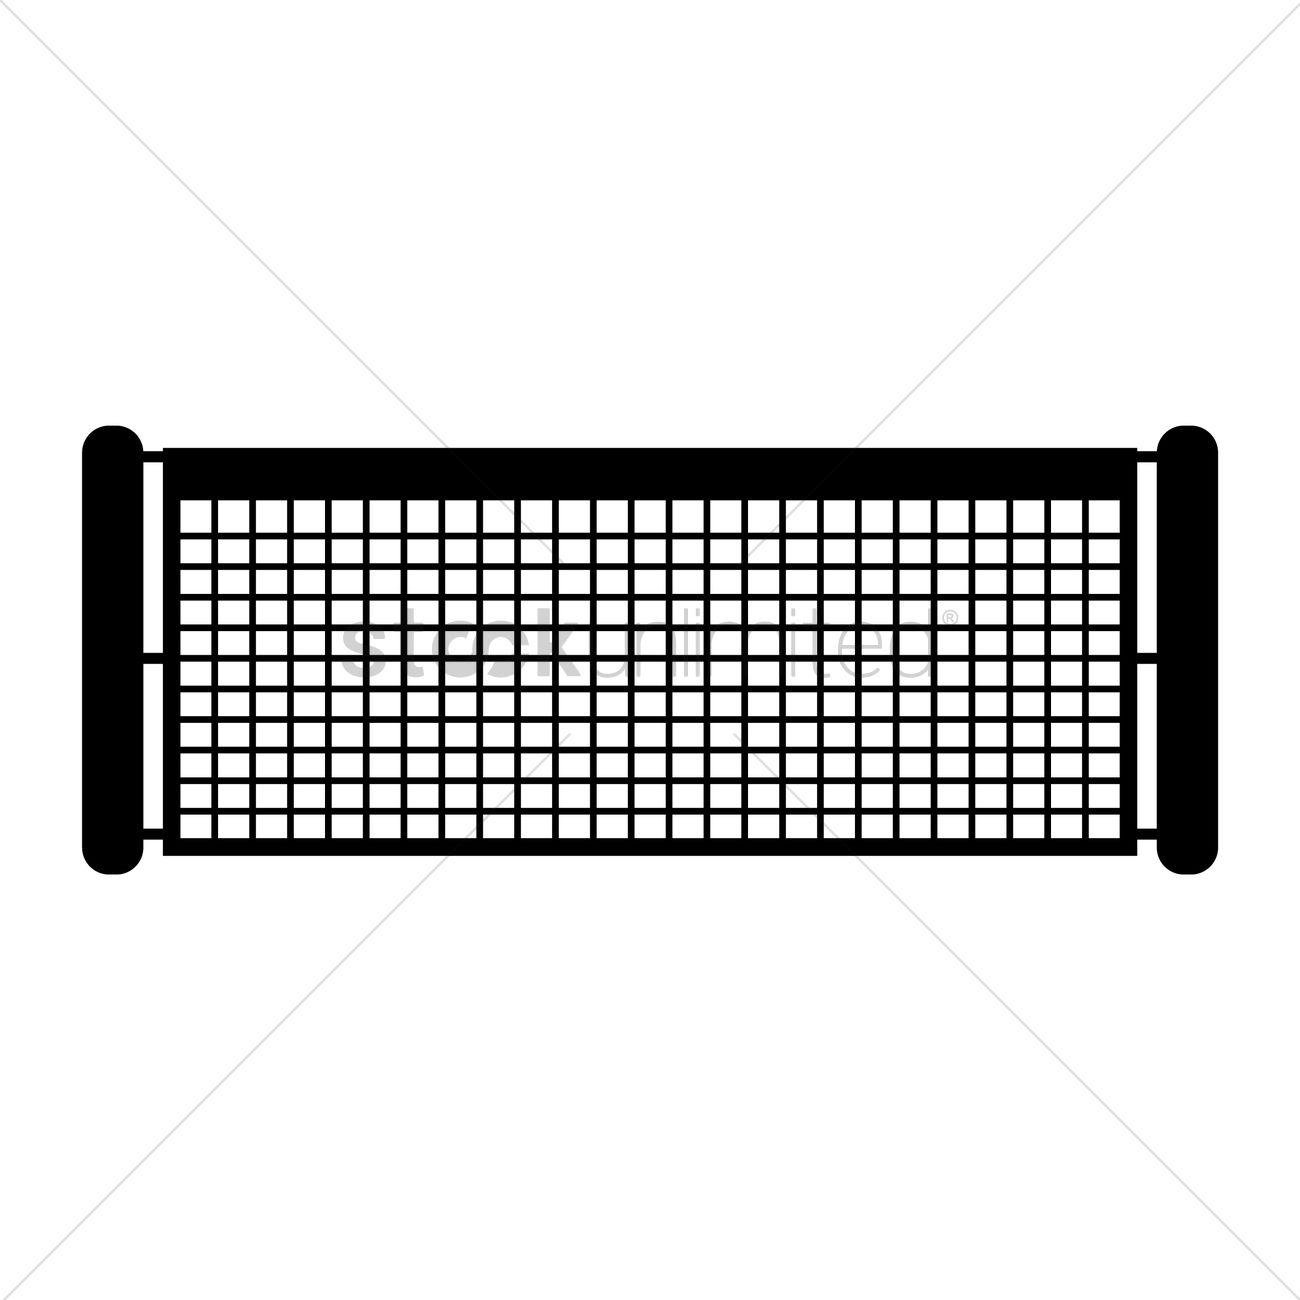 1300x1300 Tennis Net Vector Image